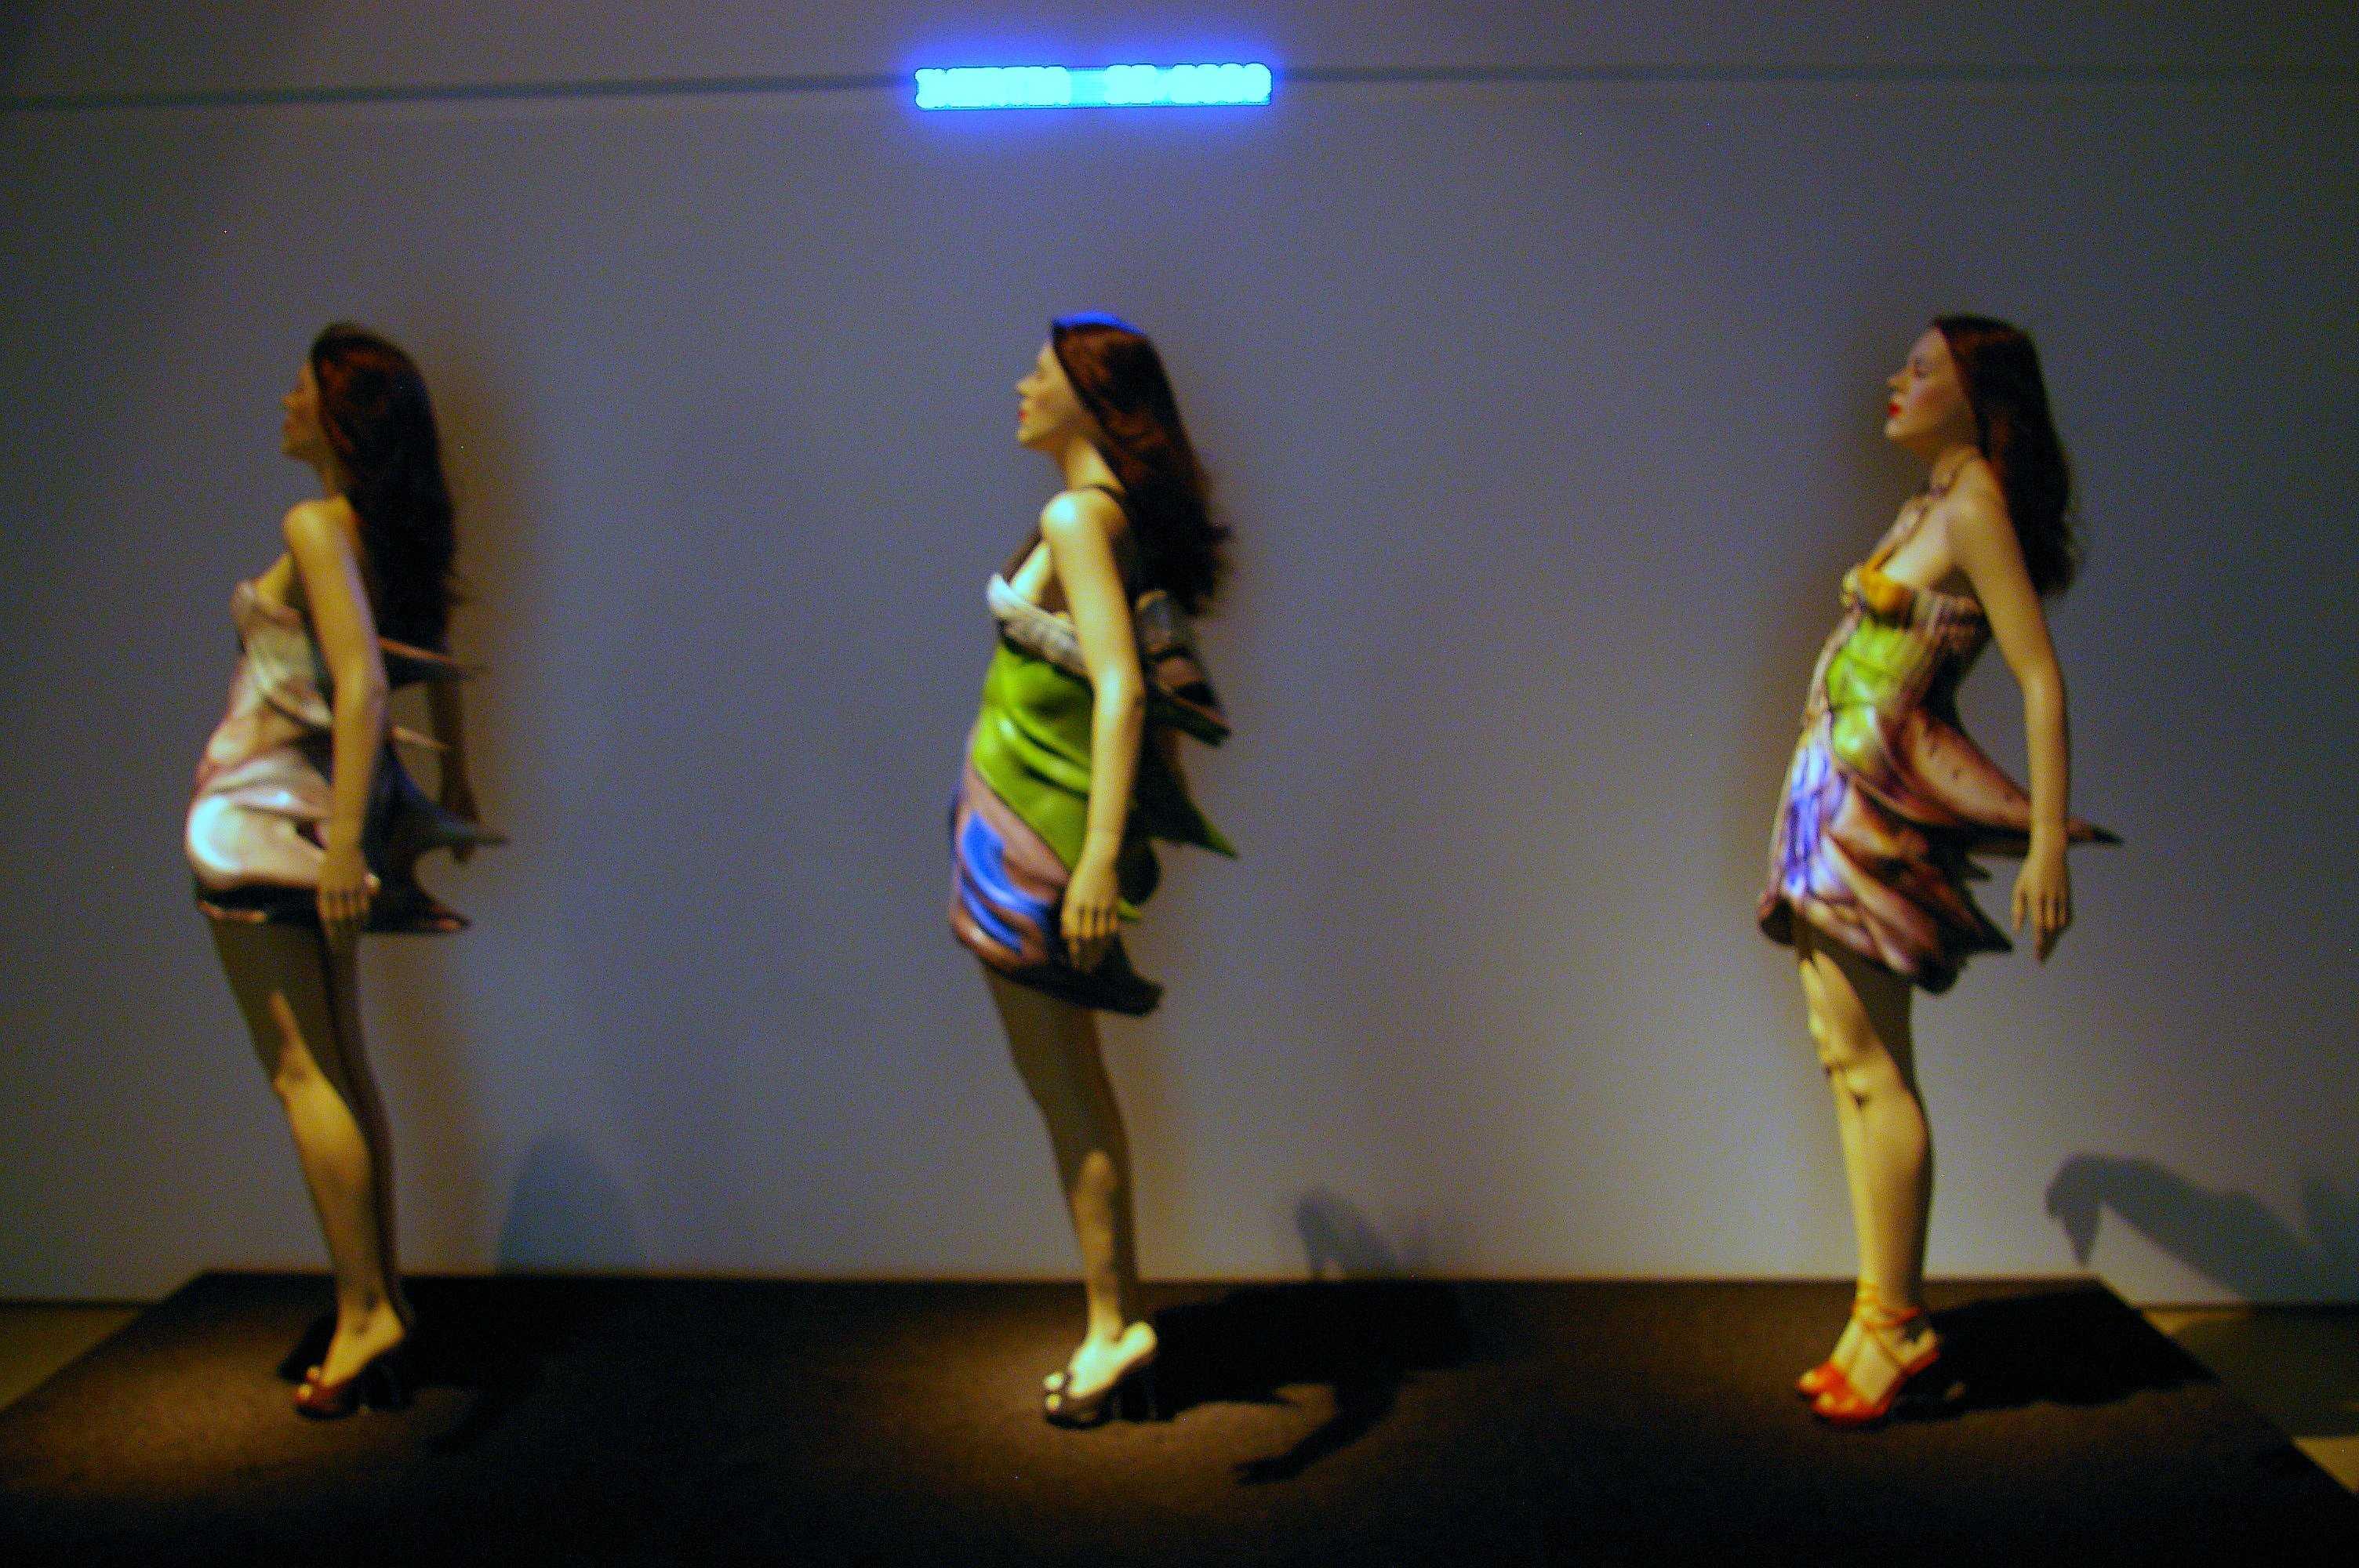 Hussein_Chalayan_designs_2009_exhibition